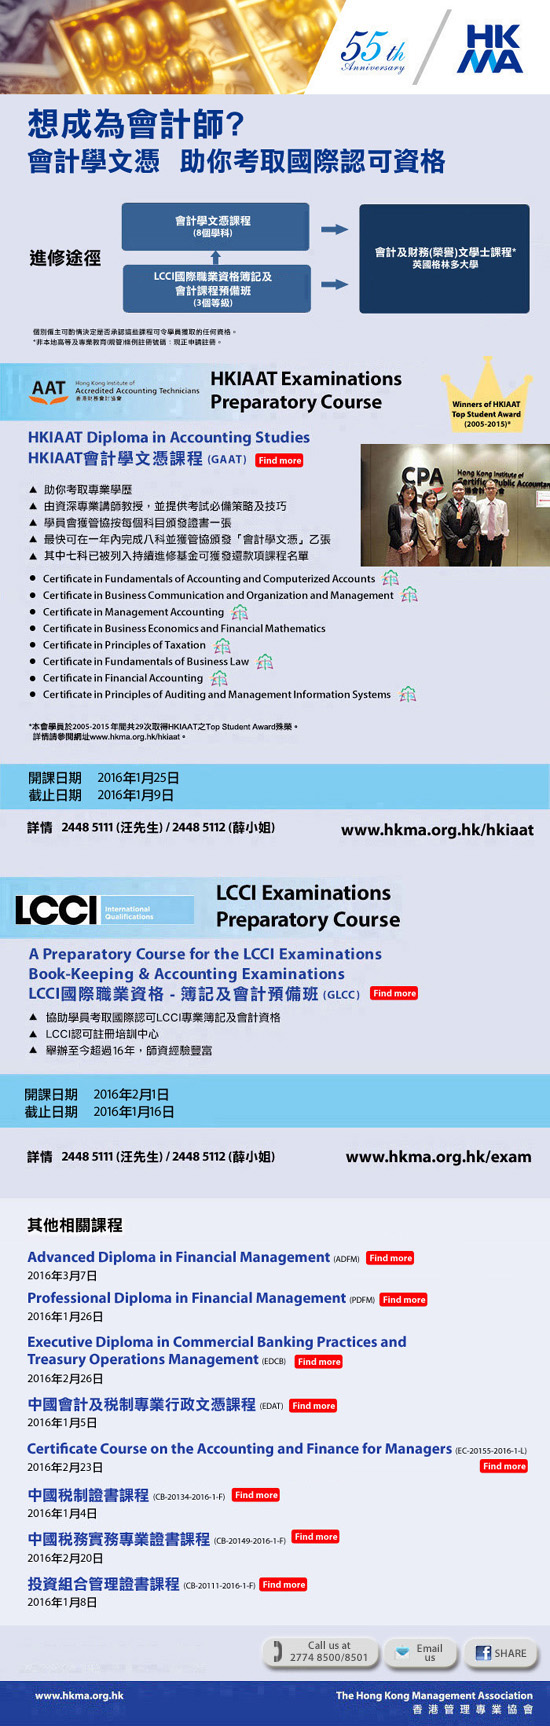 會計學文憑 助你考取國際認可資格